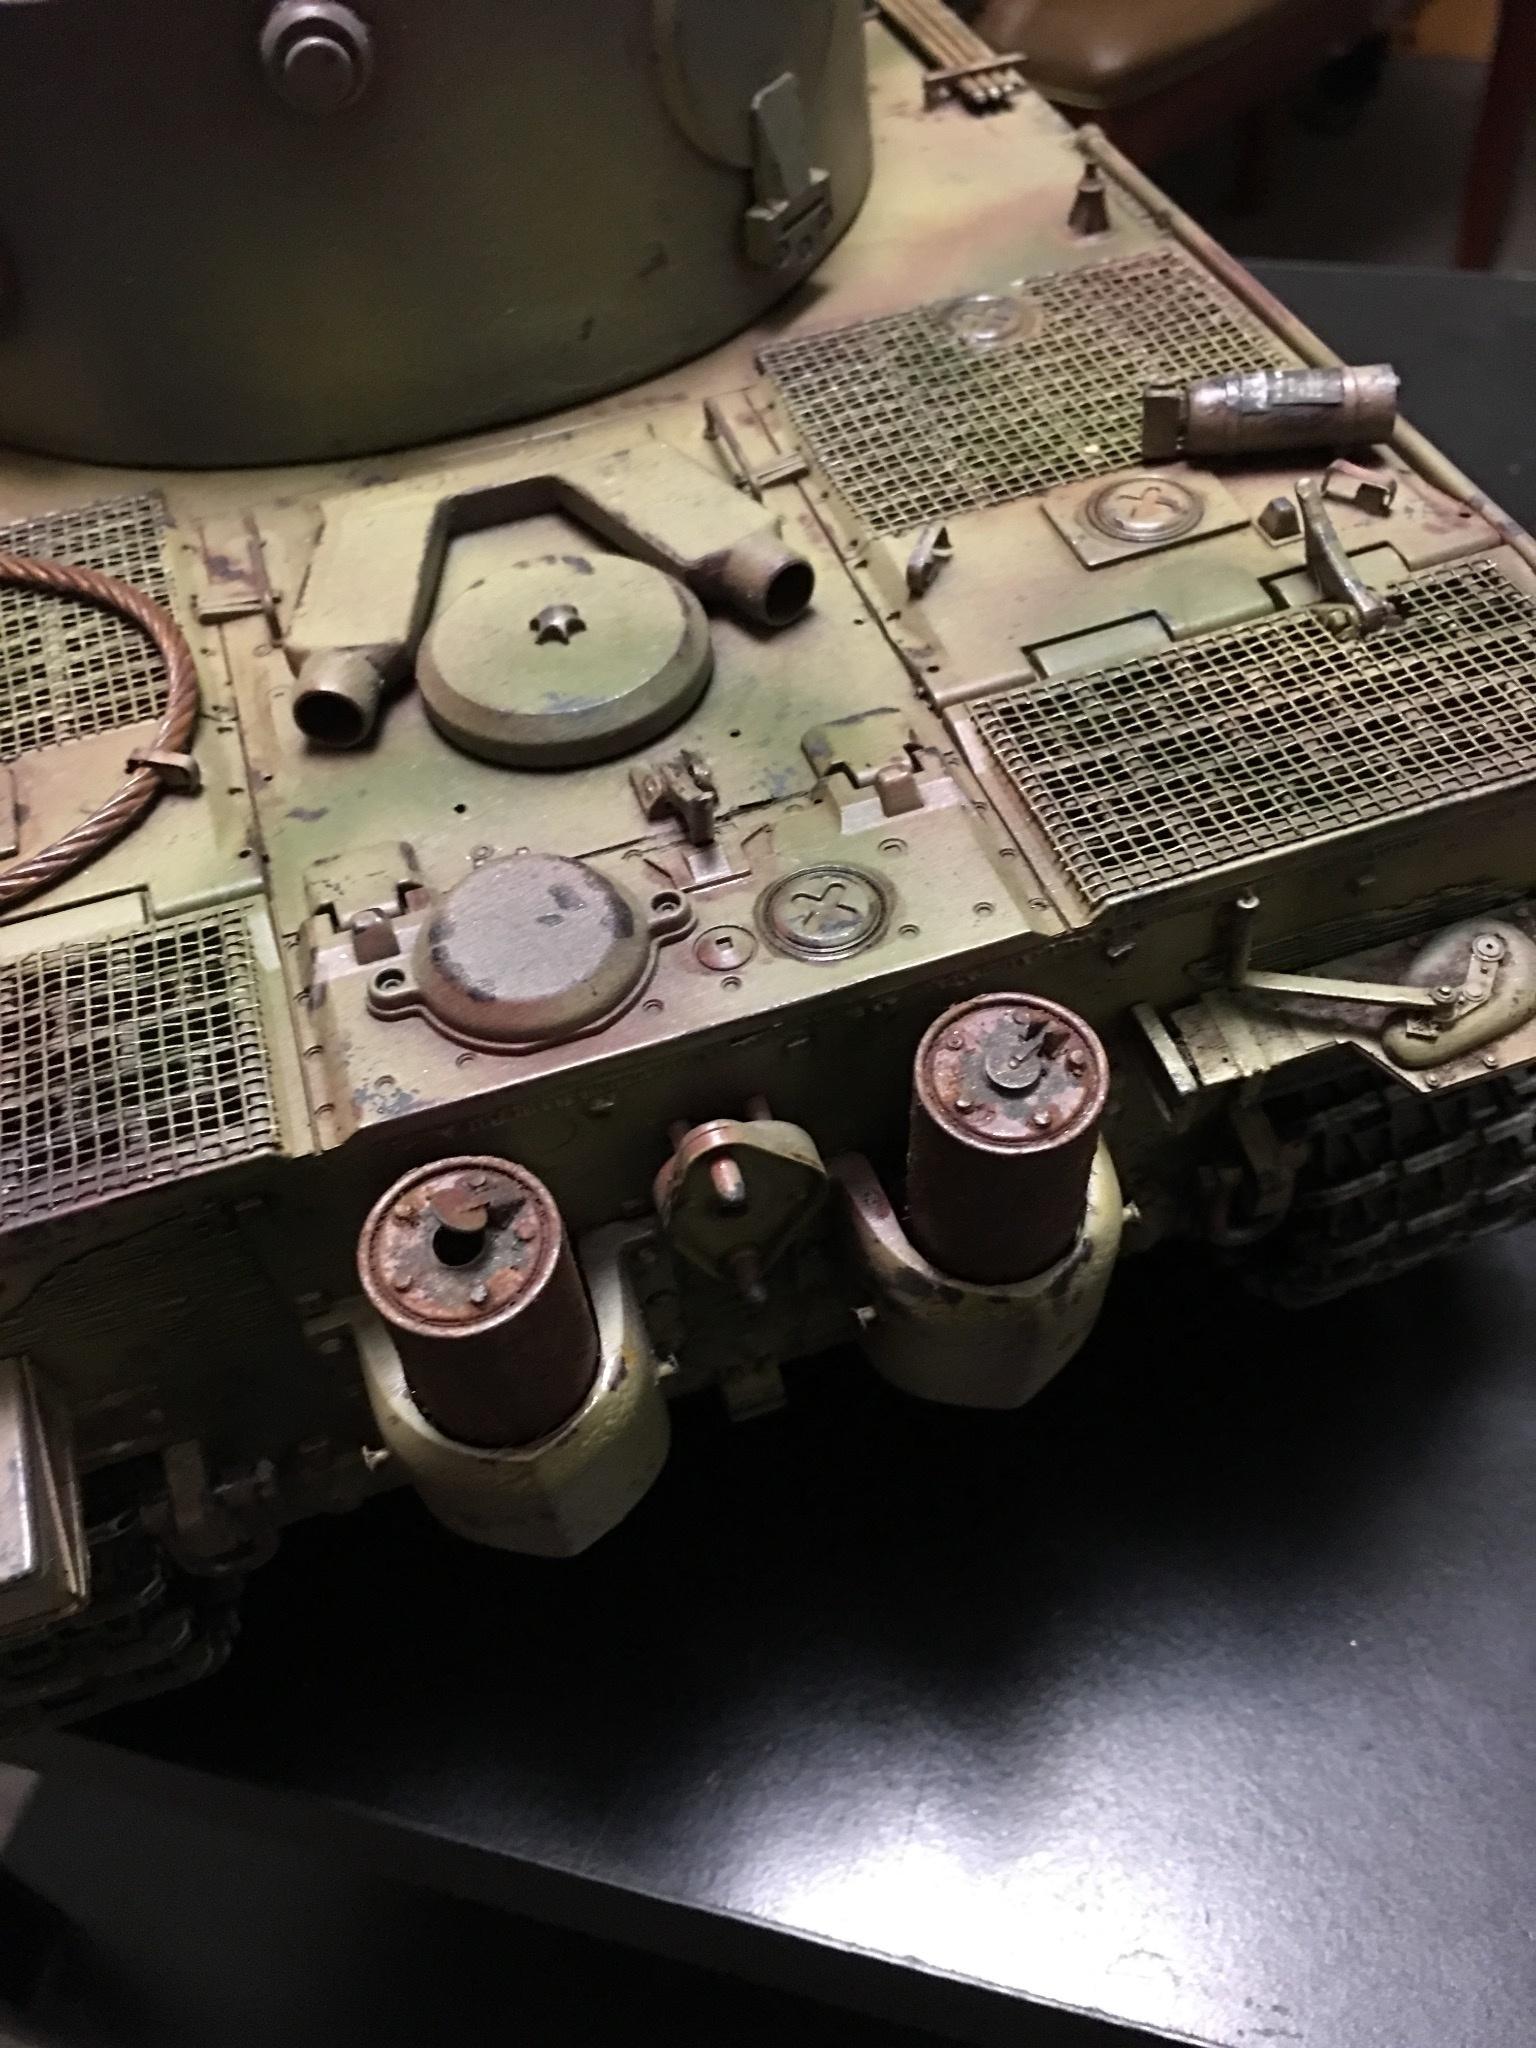 0FBE6BAE-EA2A-42EC-B956-55F729D12F1E.jpeg